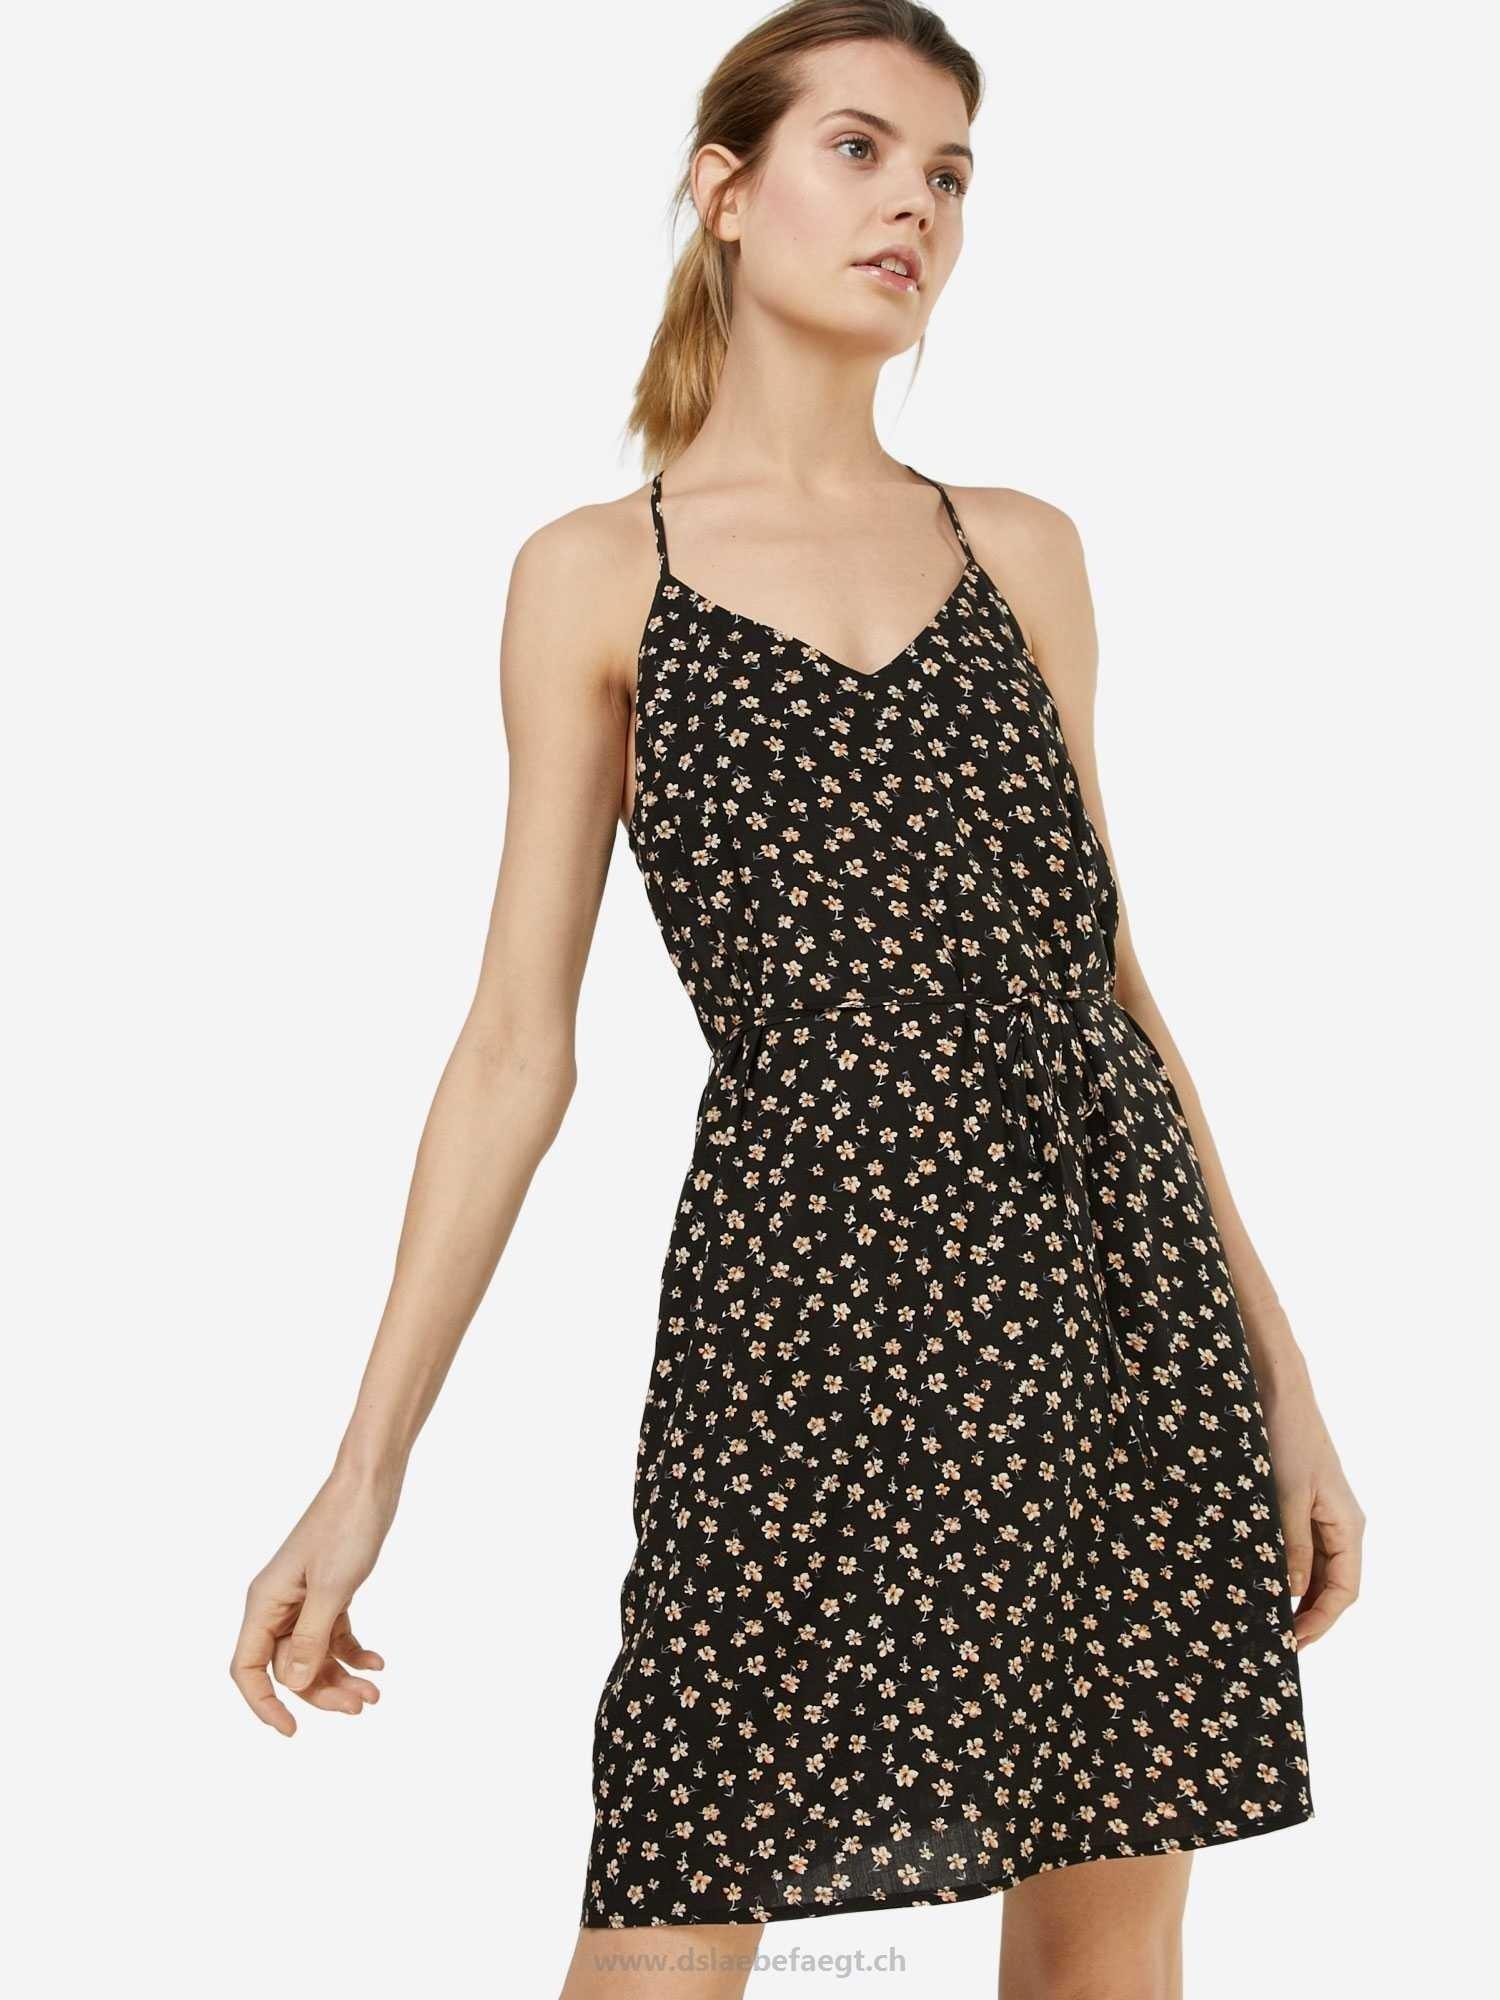 17 Ausgezeichnet Kleider Größe 42 Design17 Coolste Kleider Größe 42 Design